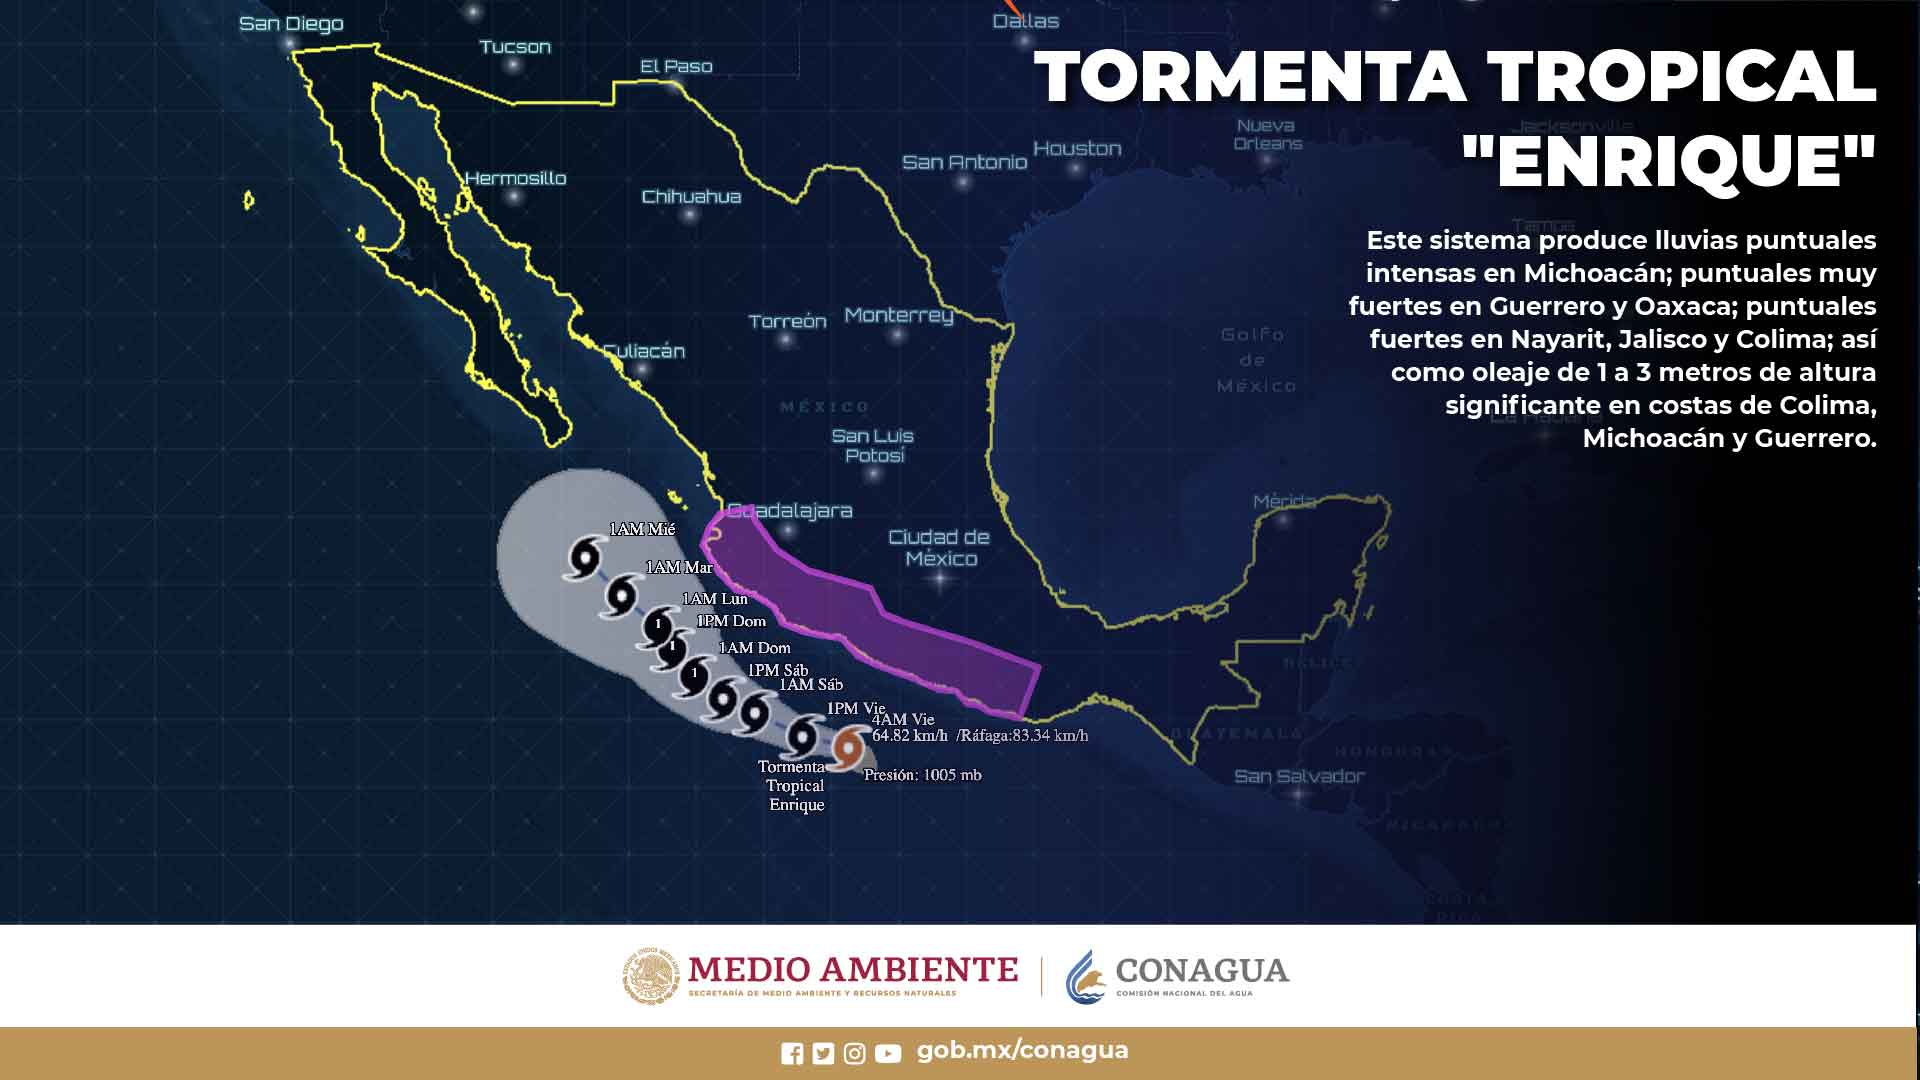 Se pronostican lluvias puntuales intensas en Colima, Guerrero, Jalisco y Michoacán